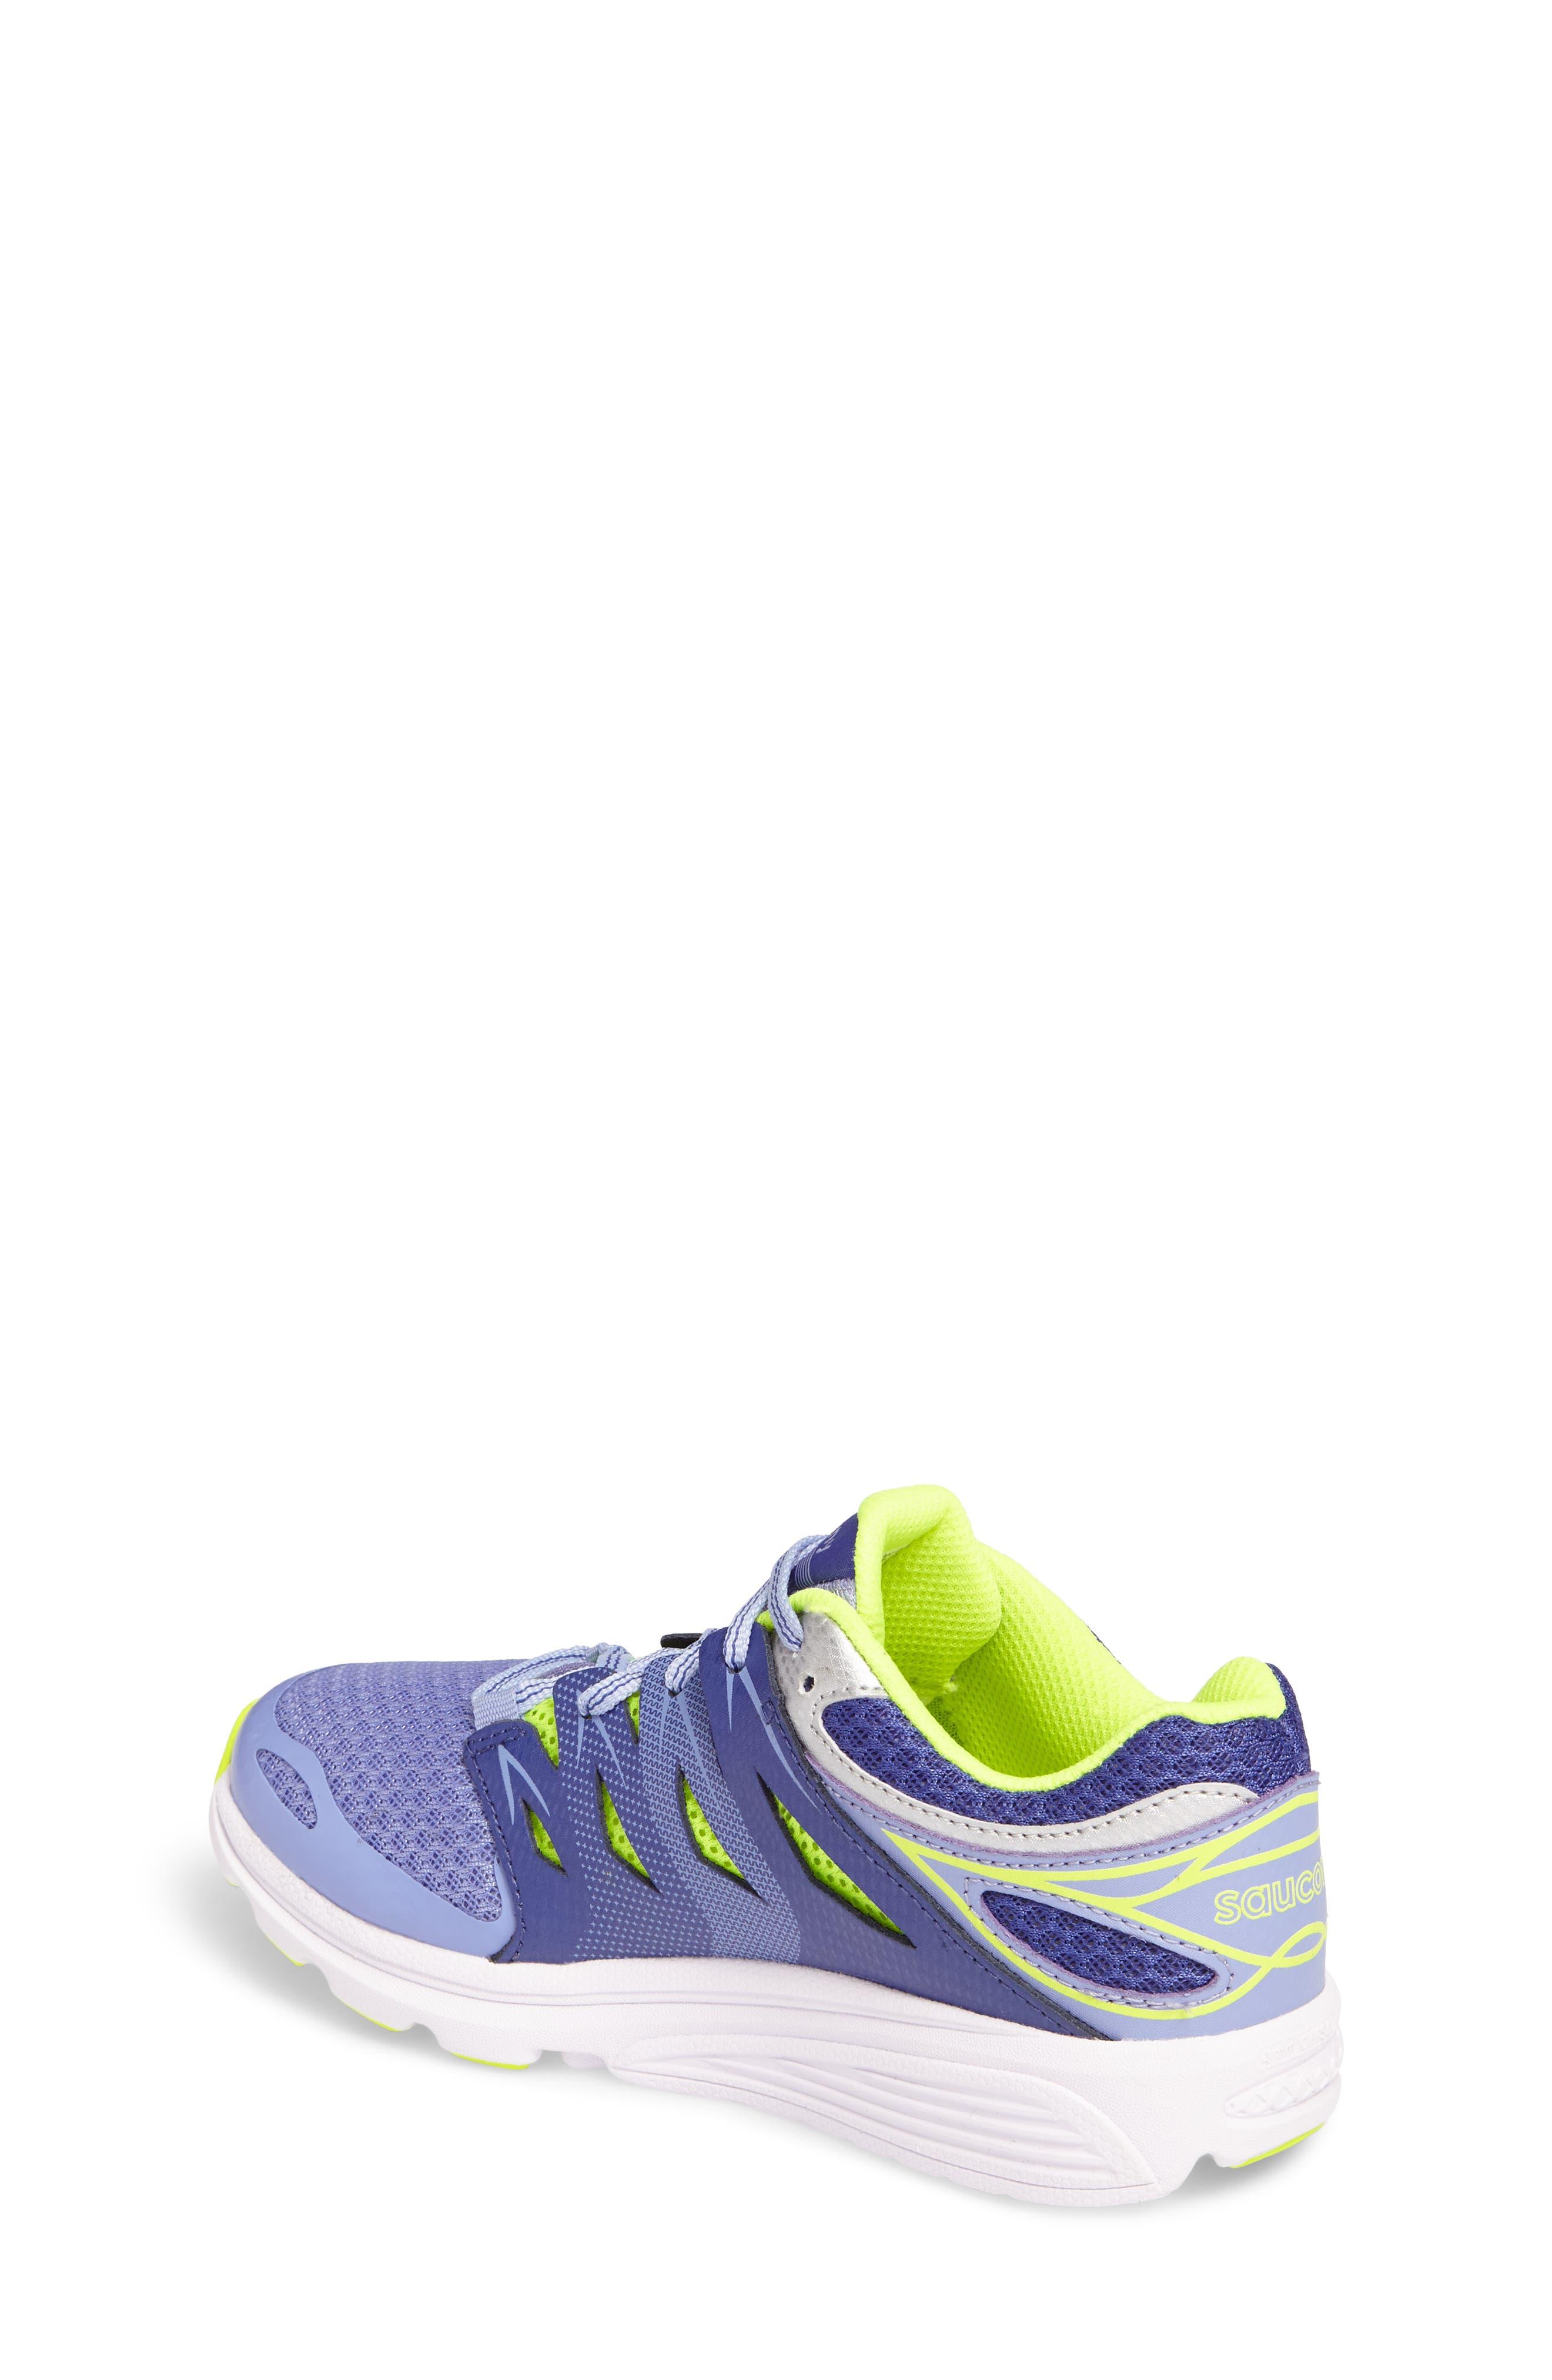 'Zealot 2' Athletic Shoe,                             Alternate thumbnail 2, color,                             Purple/ Blue